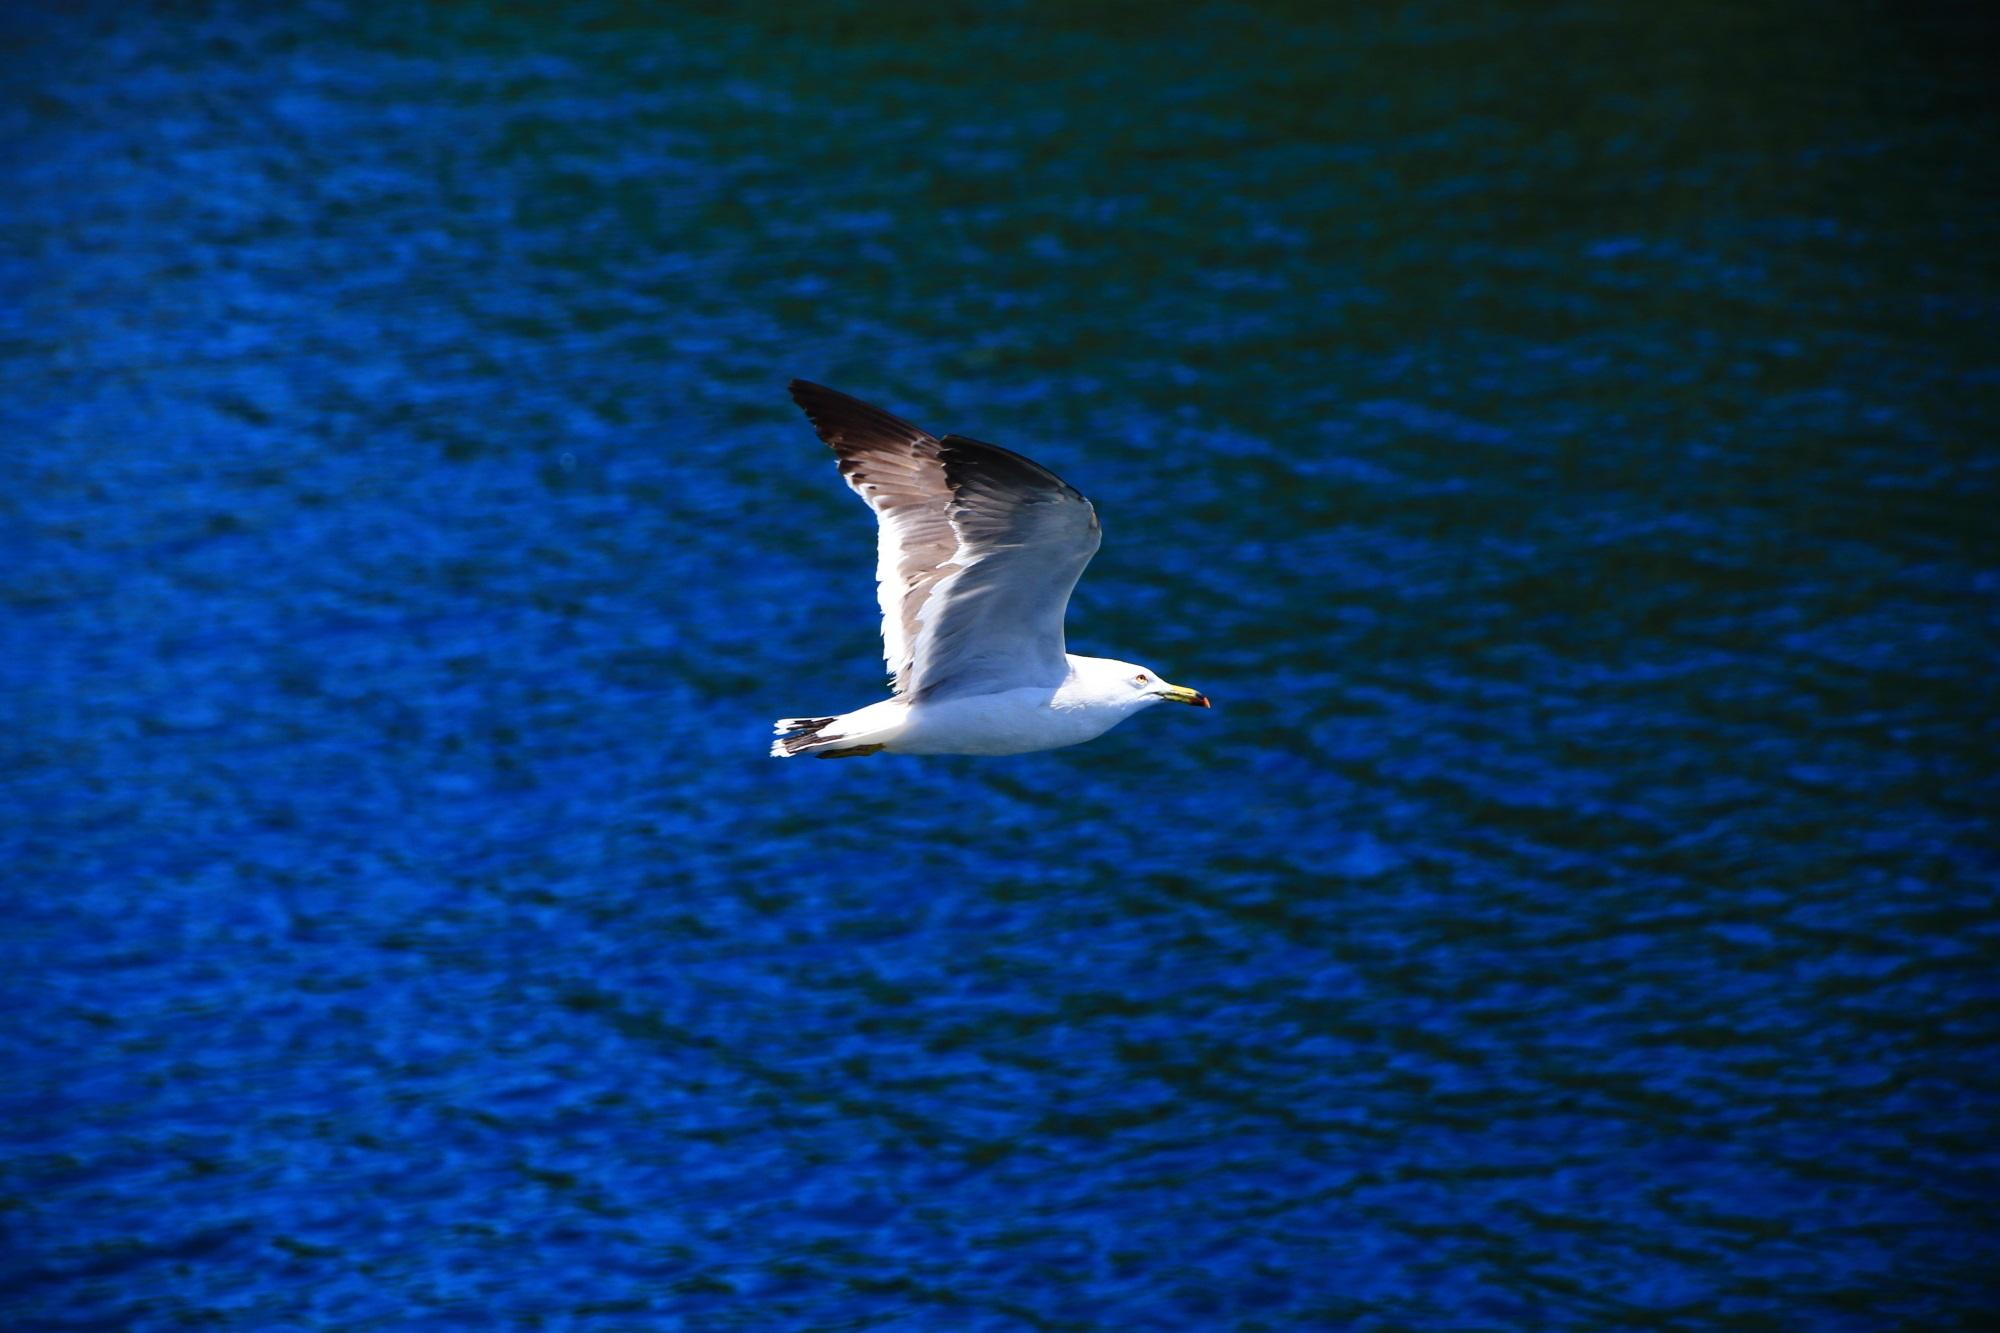 伊根の青い海の上を優雅に飛ぶカモメ